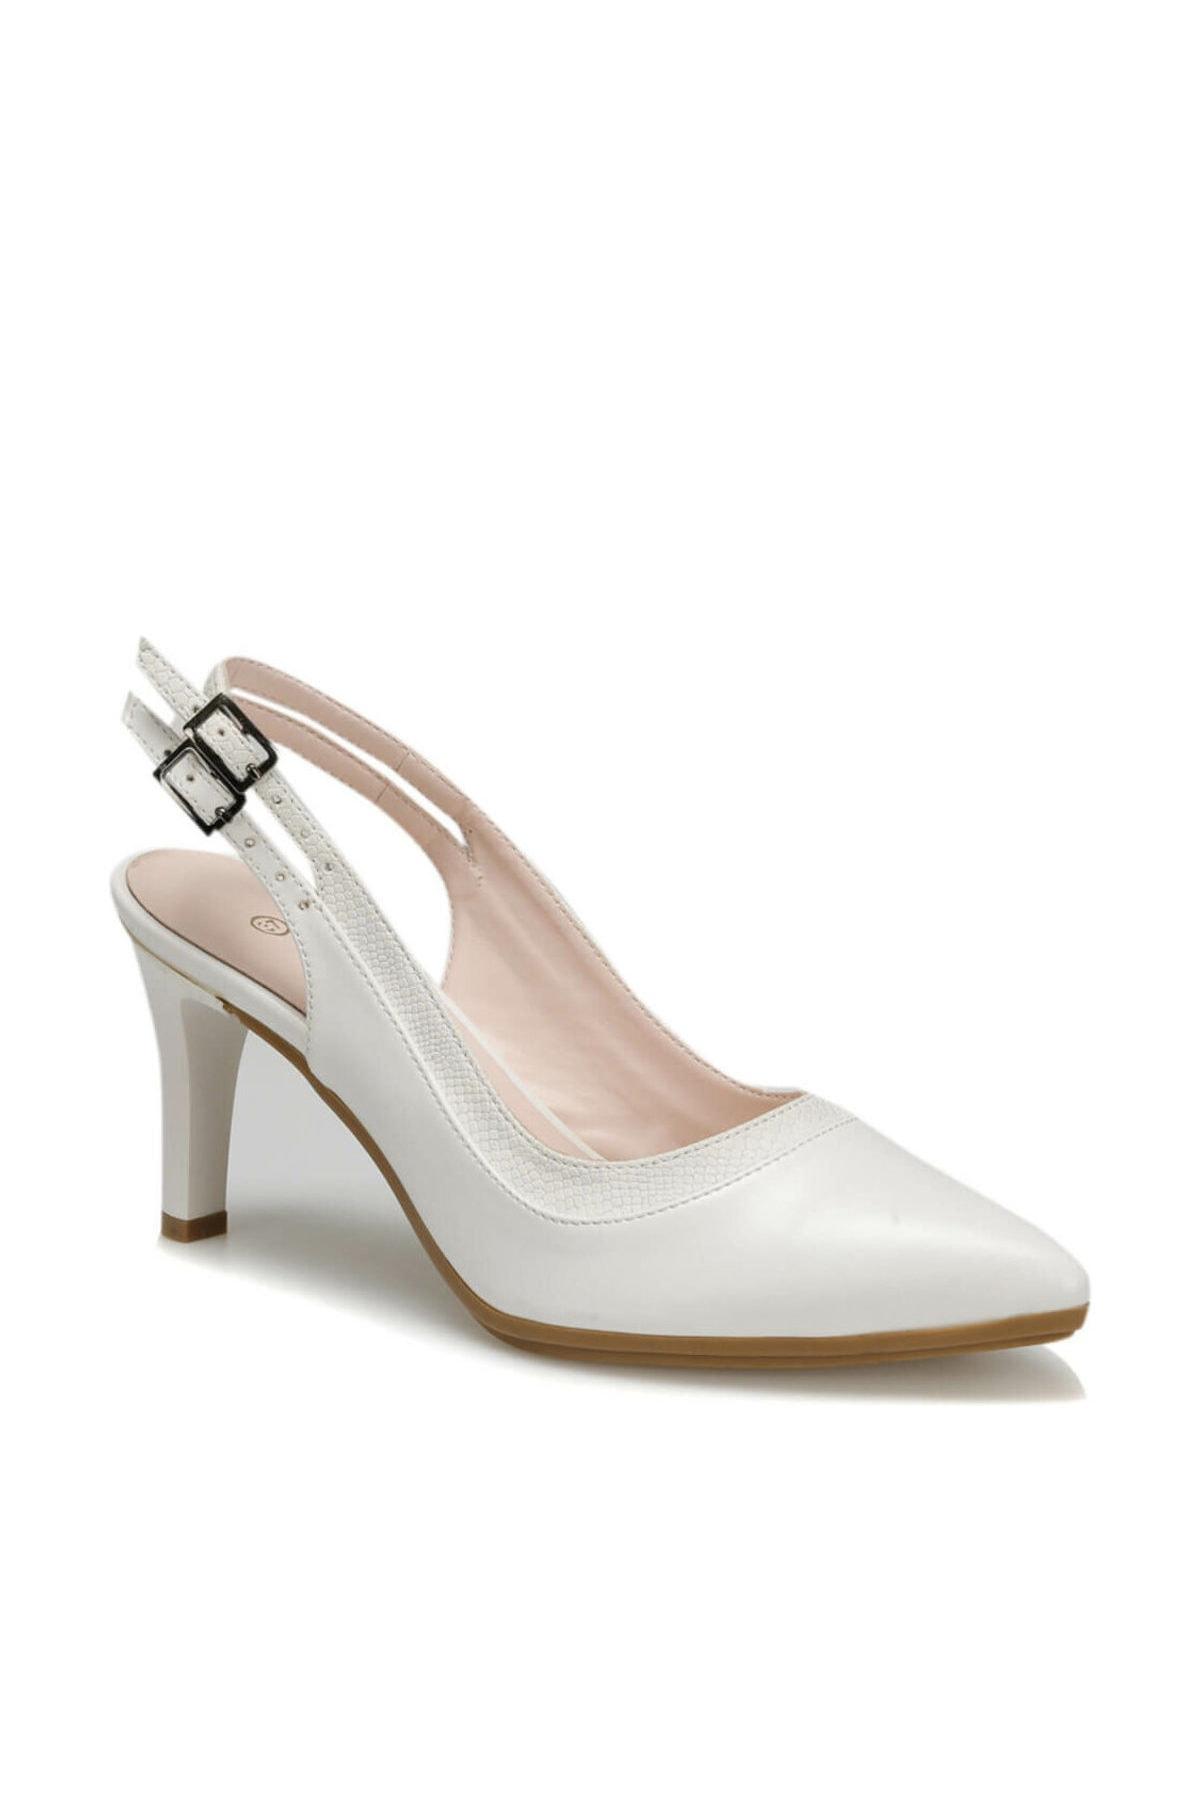 Polaris 91.313138.Z Beyaz Kadın Ayakkabı 100375573 1